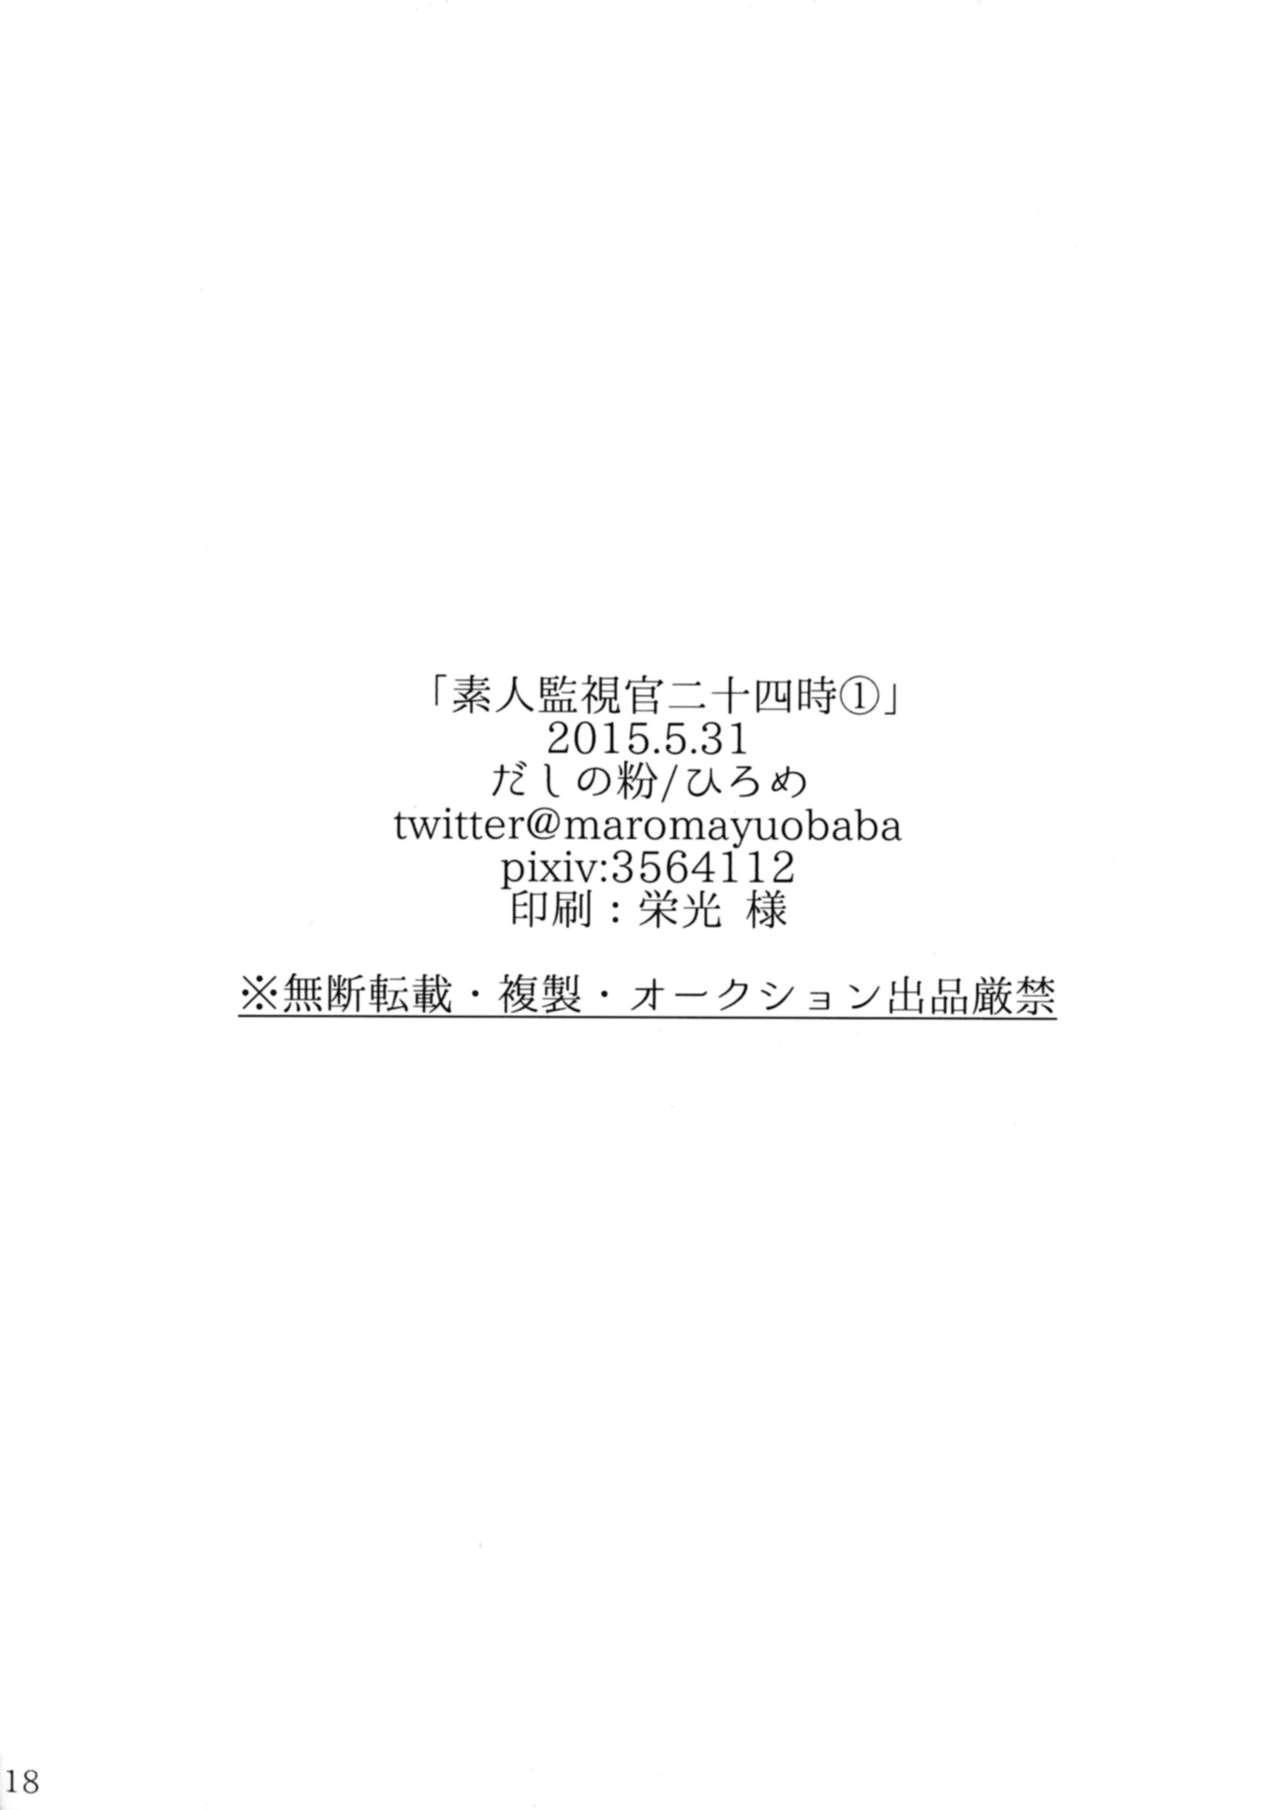 Shirouto Kanshikan Nijuuyoji 1 | The new inspector 1 18